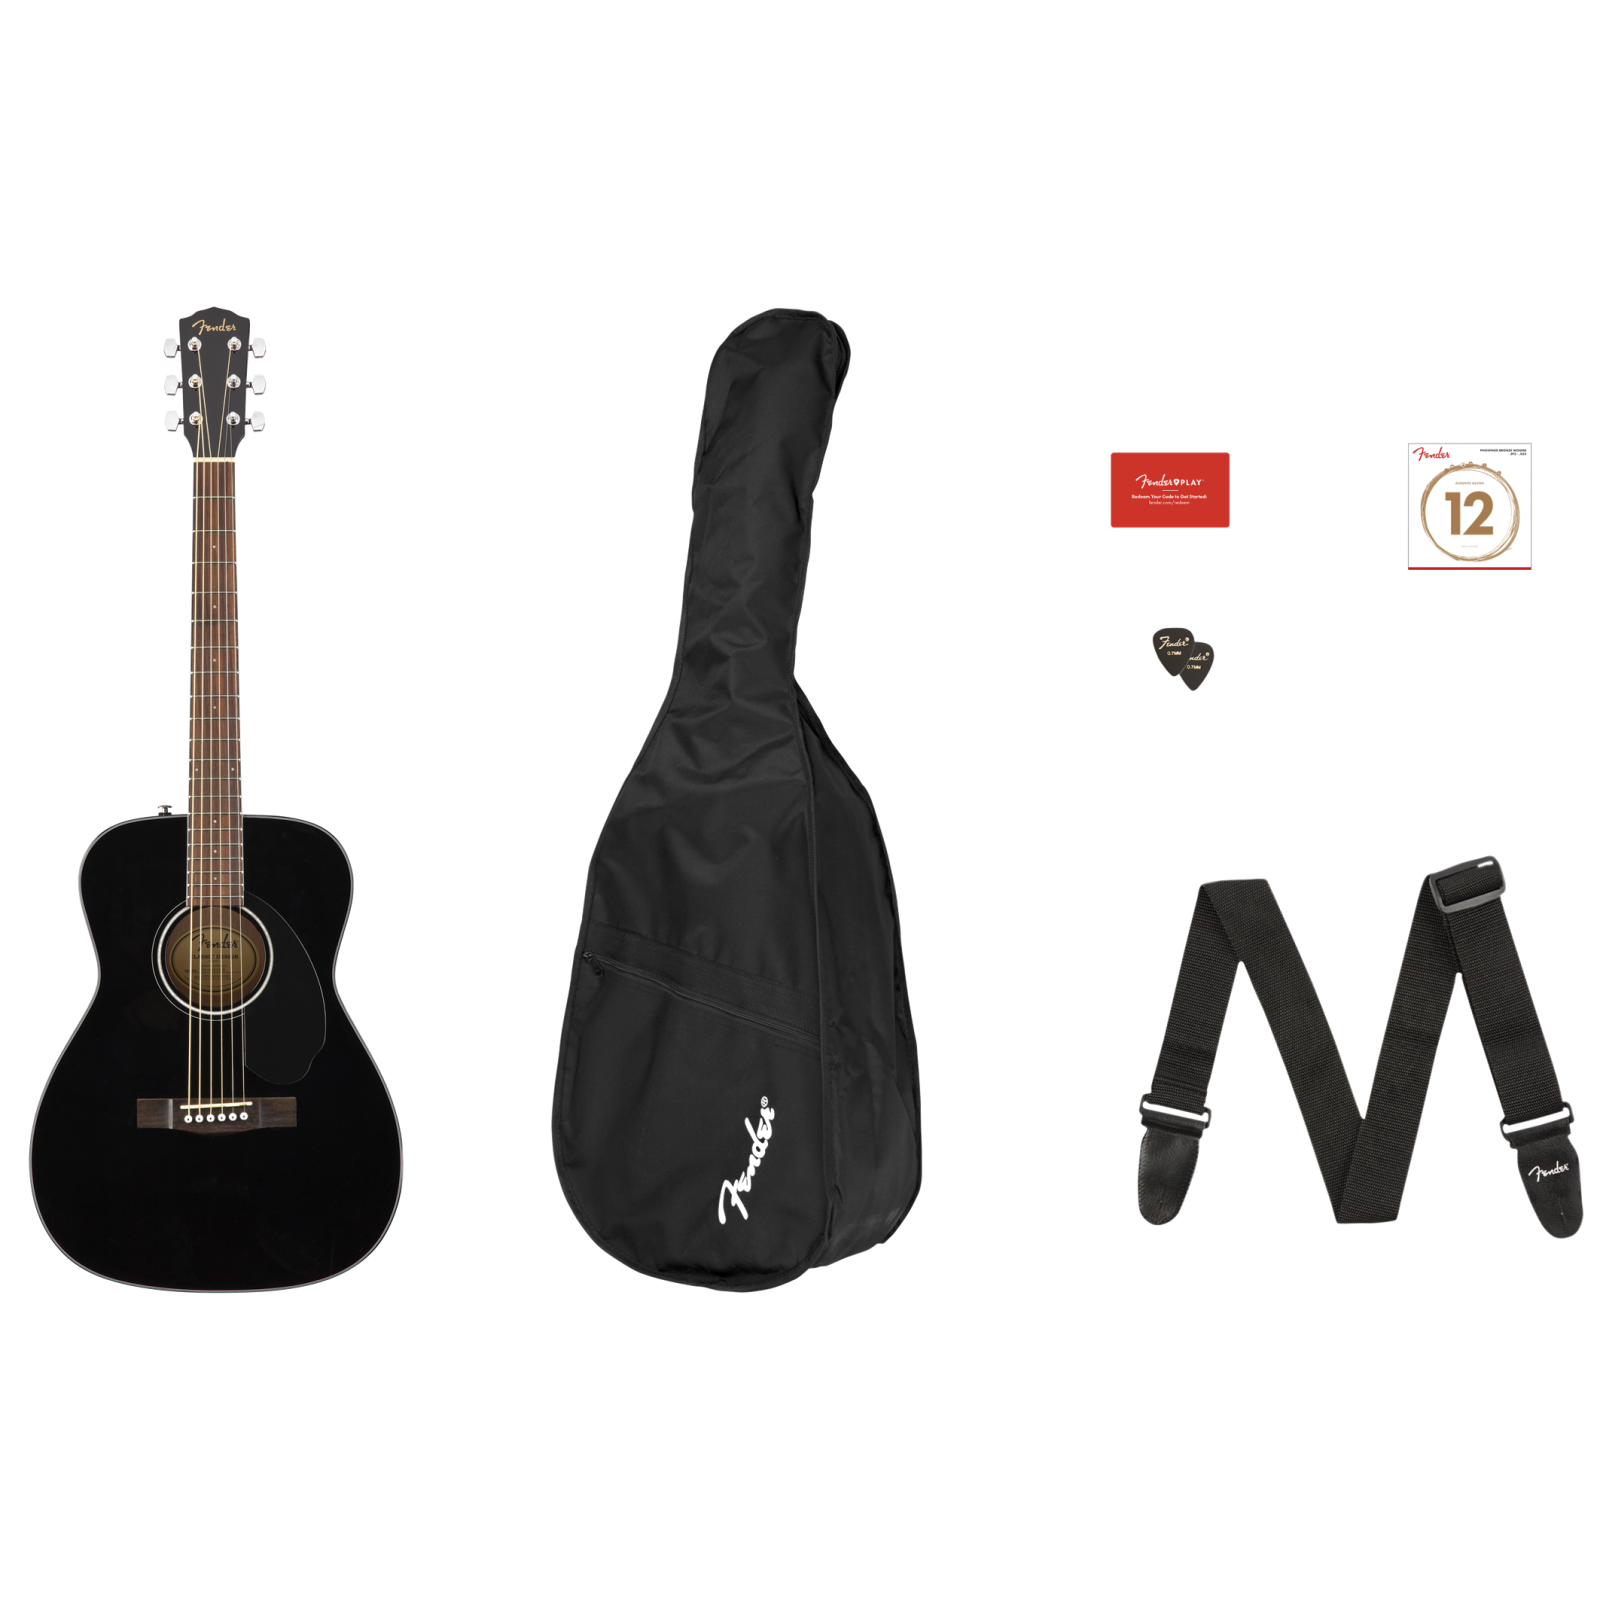 Fender CC-60S Concert Pack V2 - Black